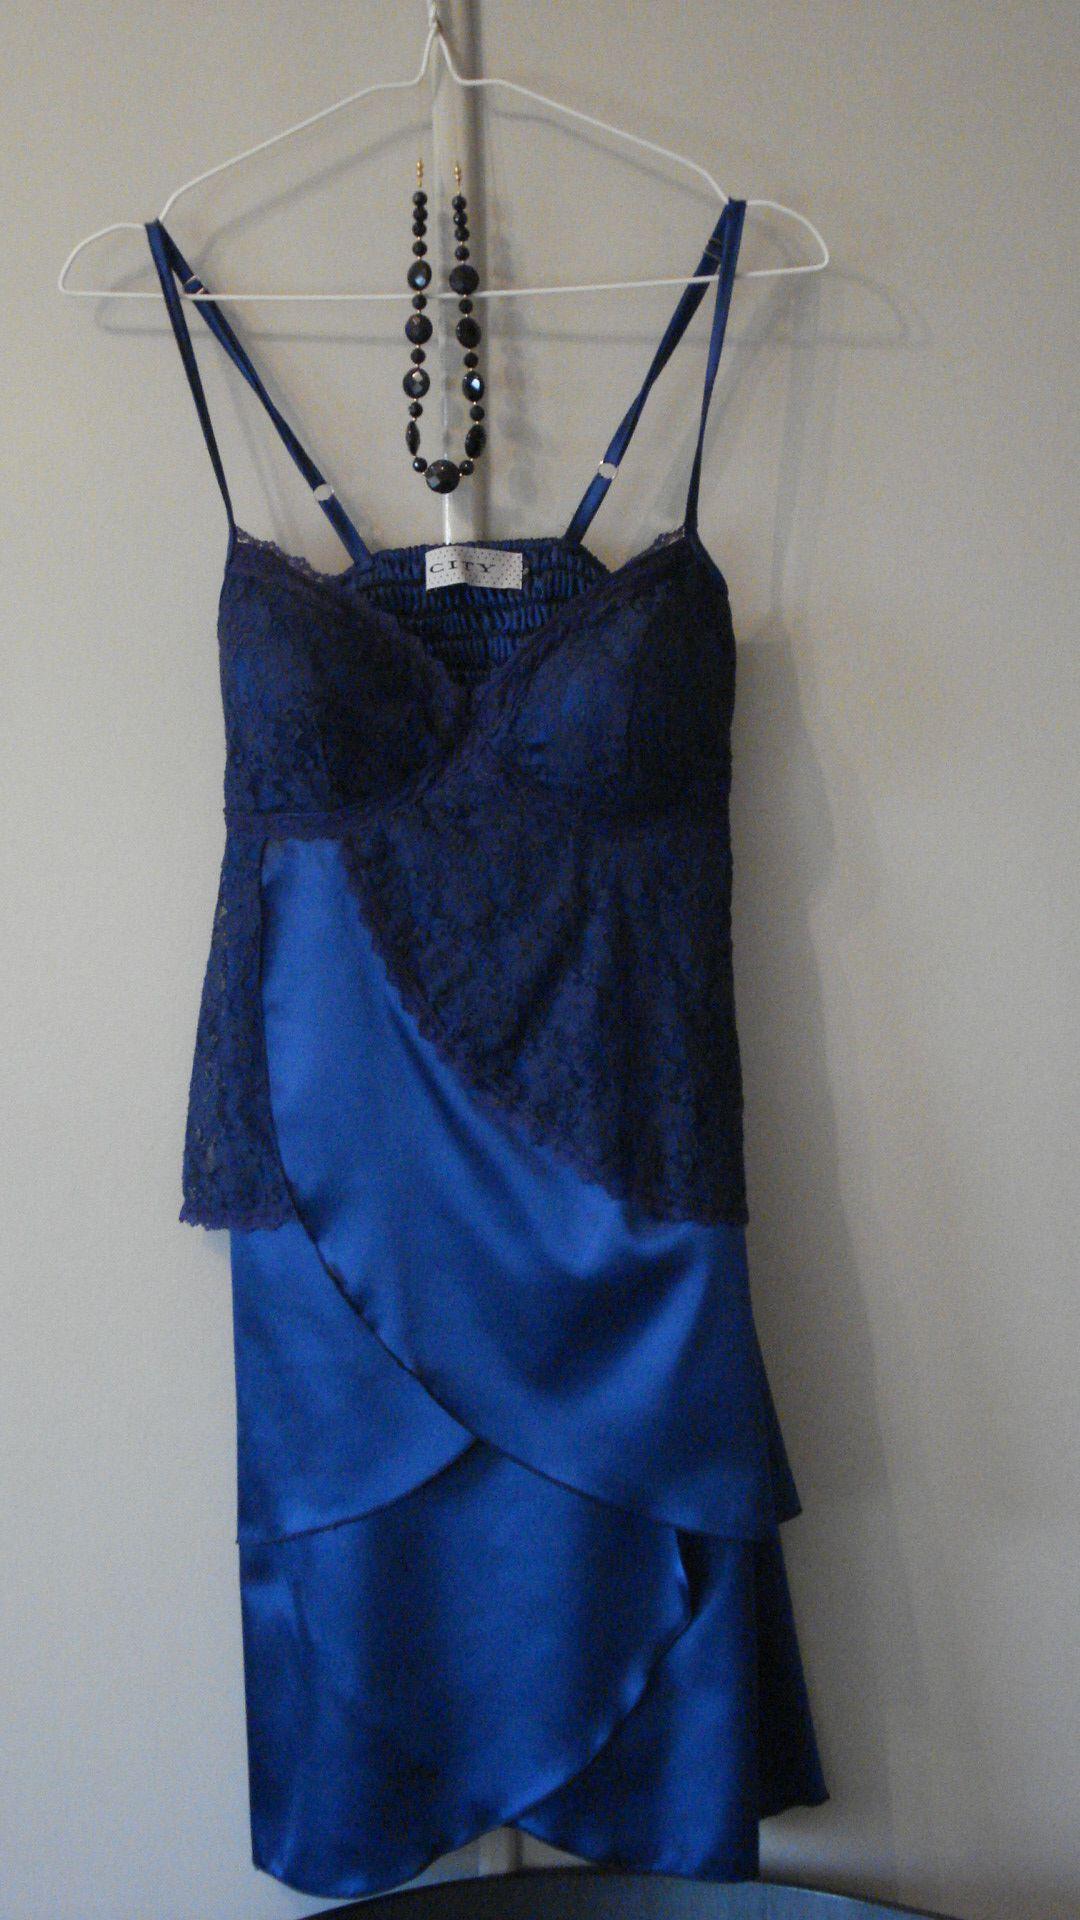 Vestido de seda Azul con detalle bordado en azul. City, Buenos Aires.